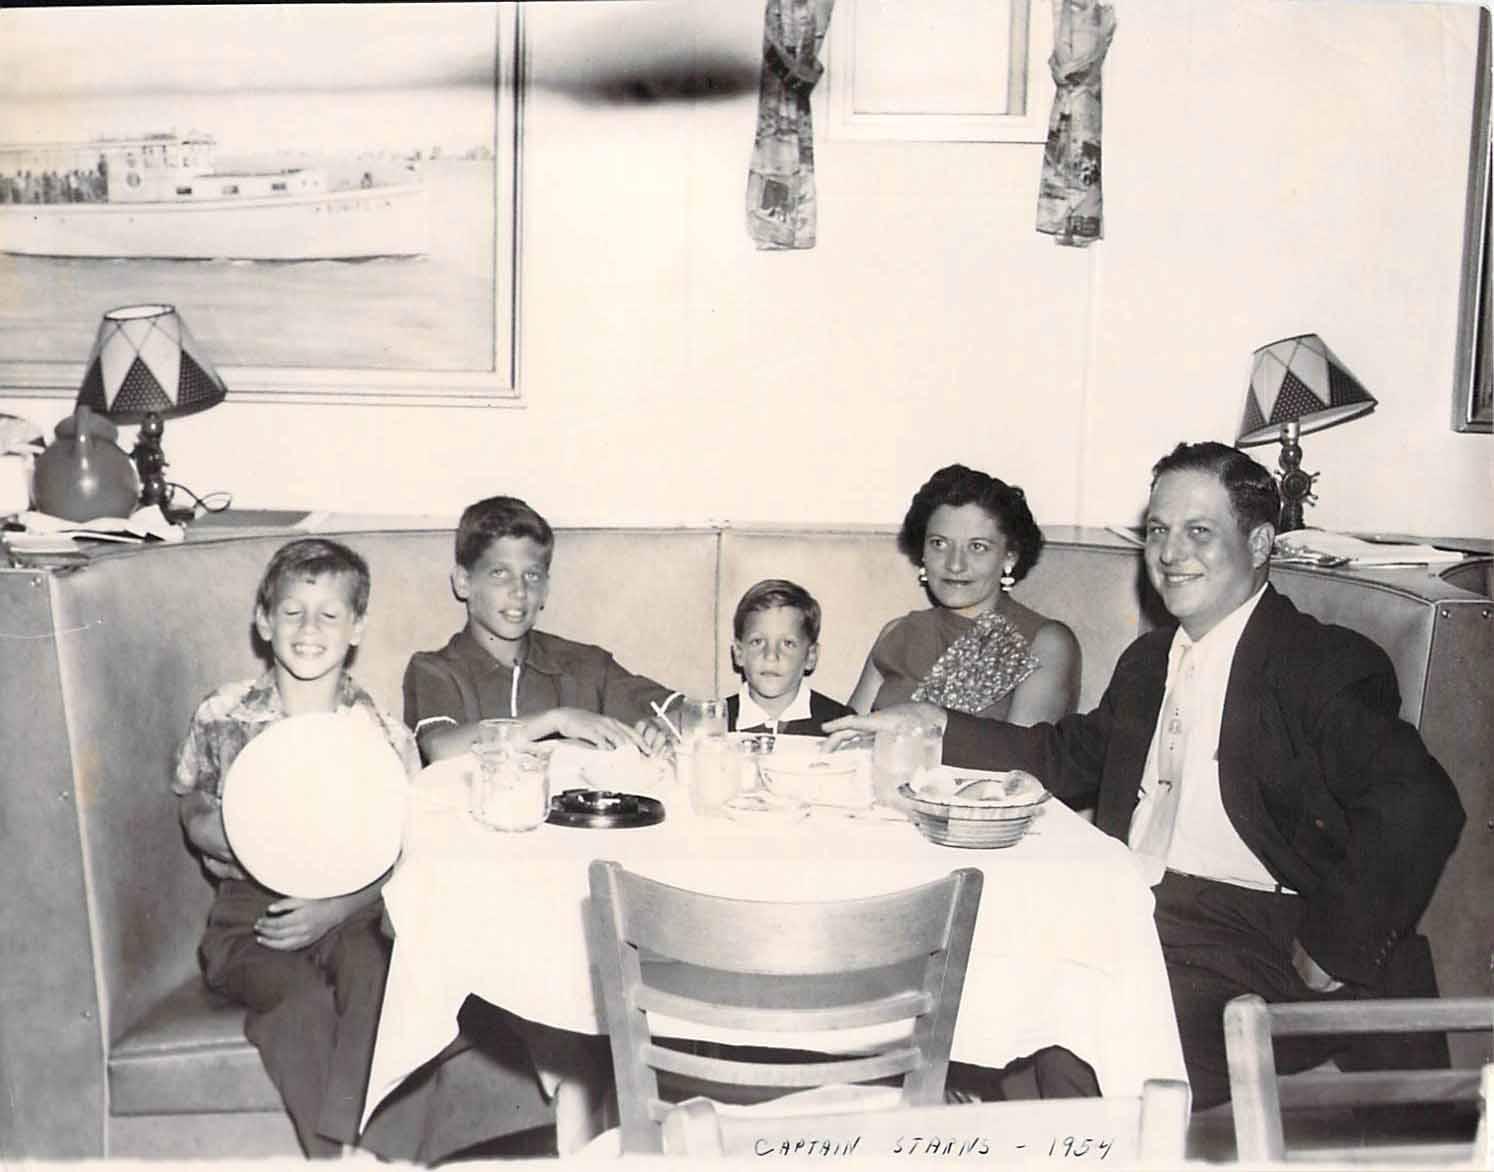 capt starns 1954